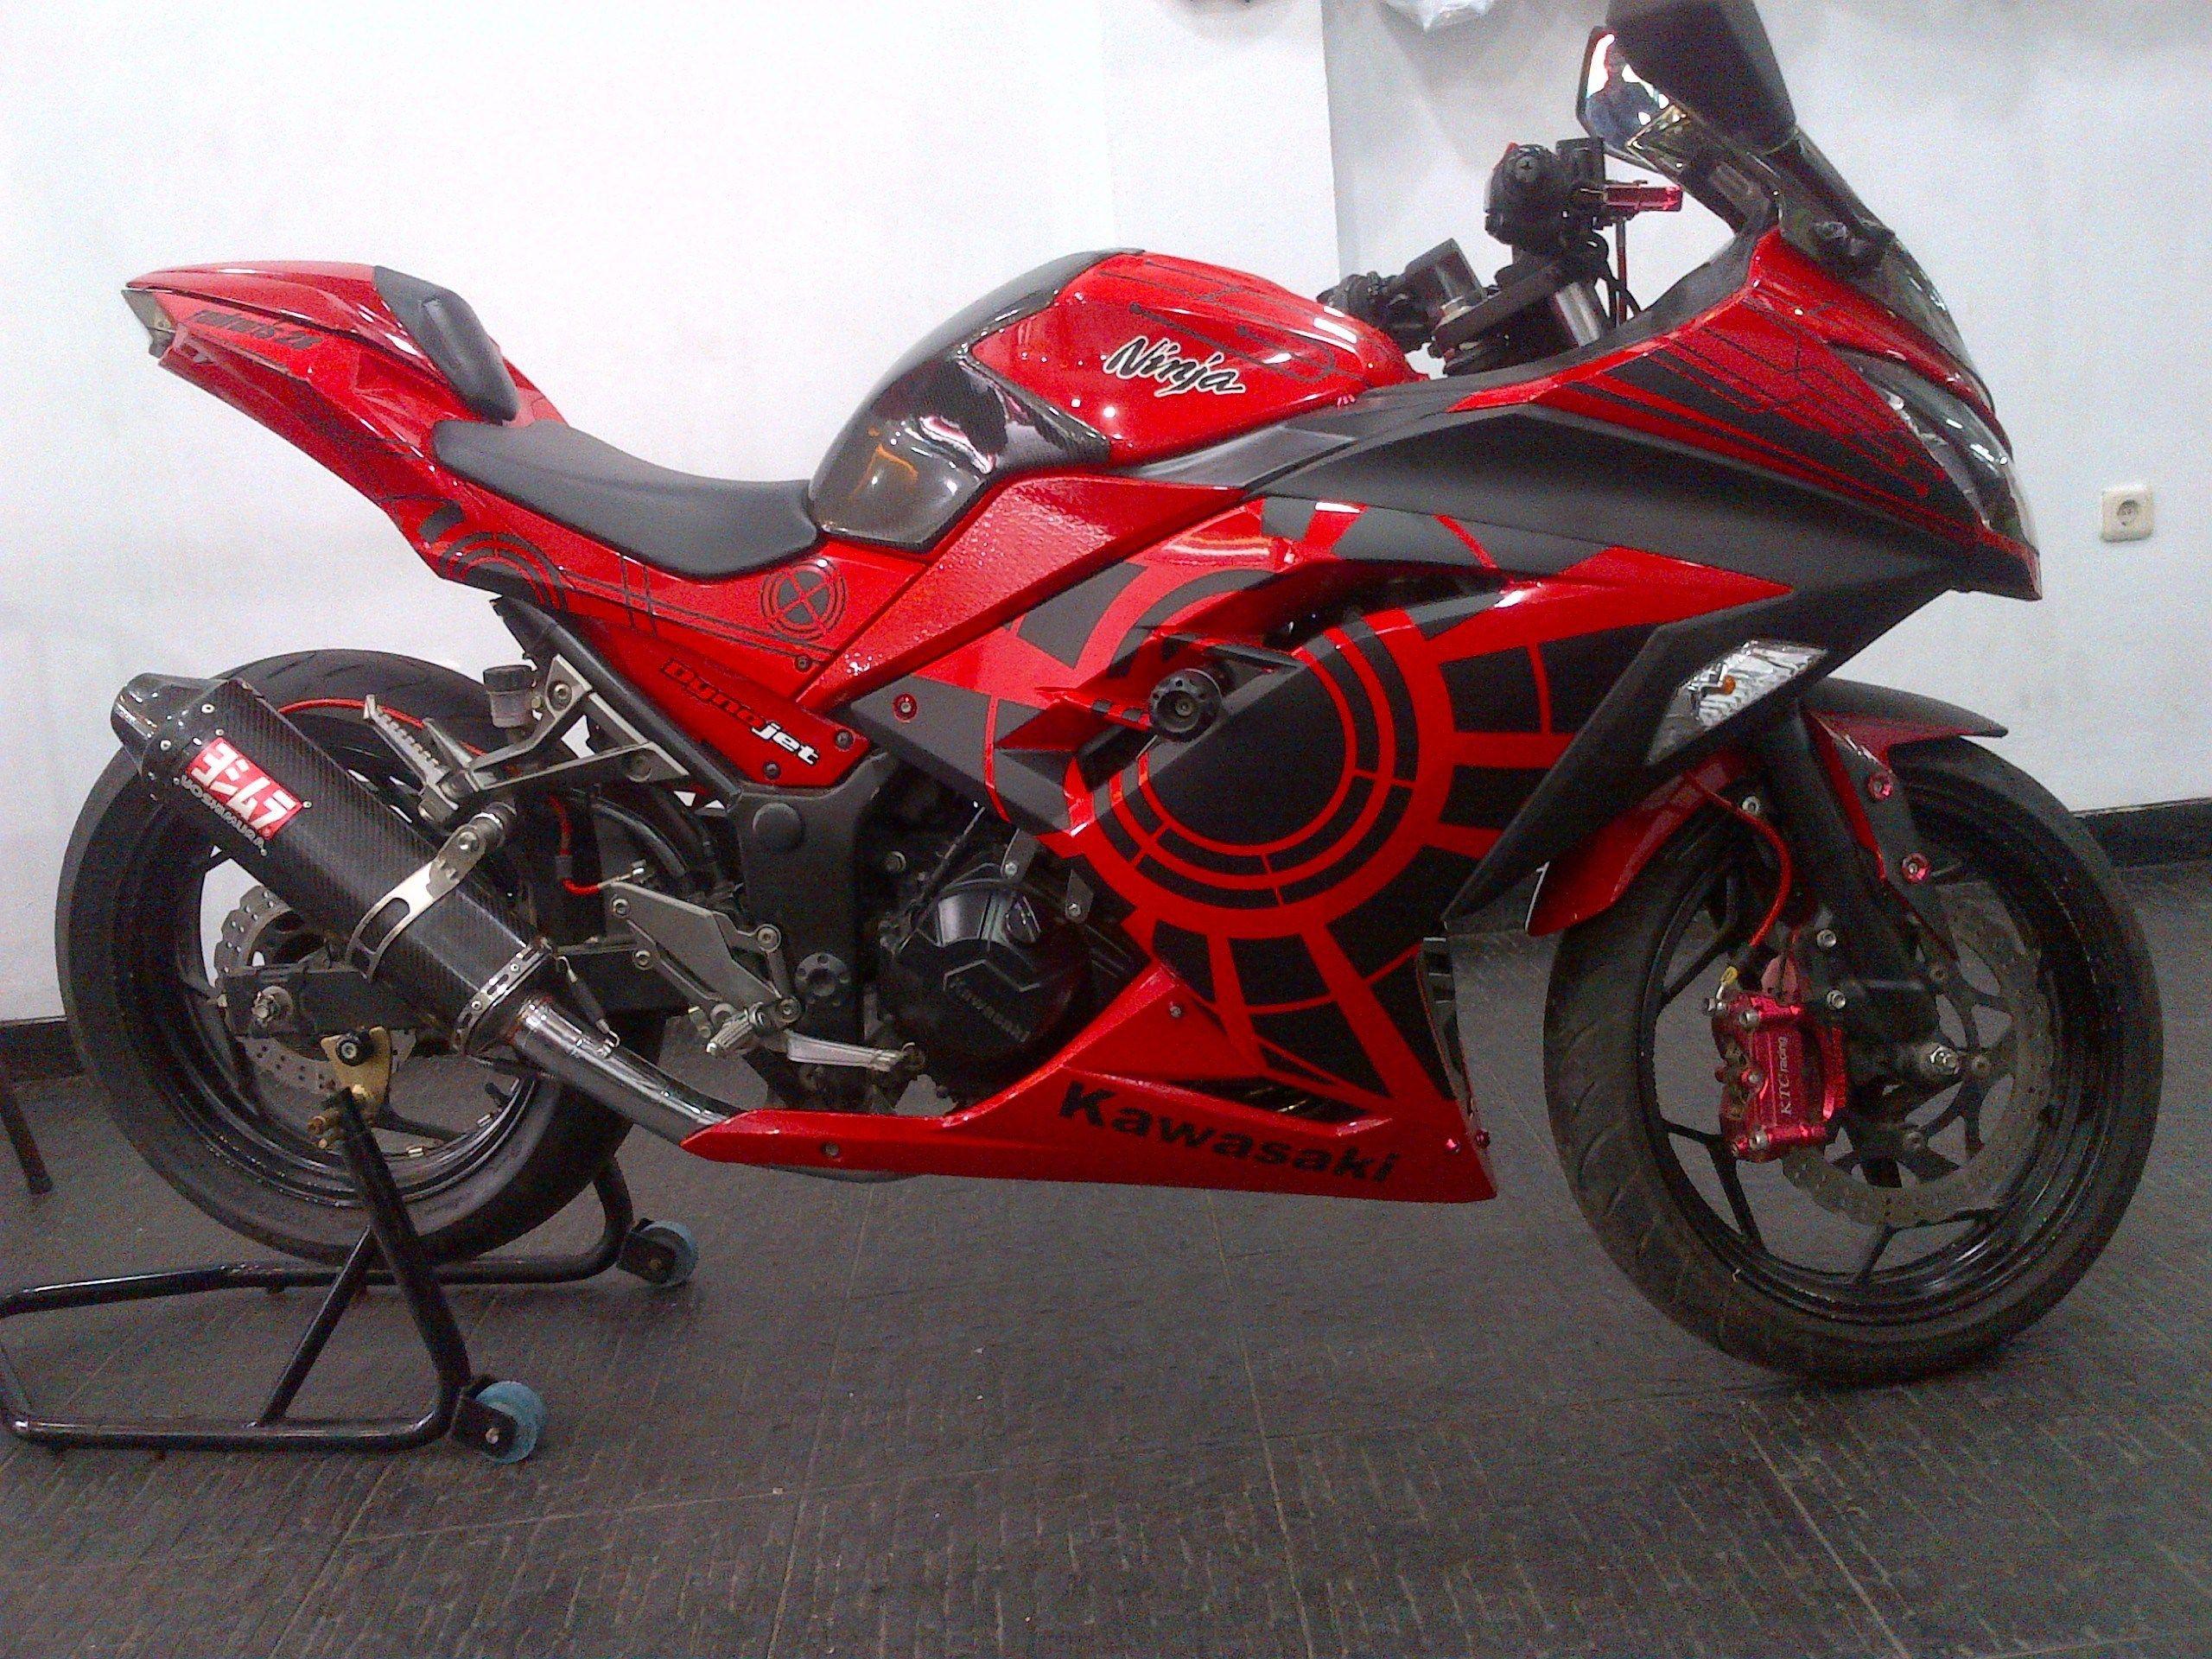 Modifikasi kawasaki ninja 250 terbaru Kawasaki ninja